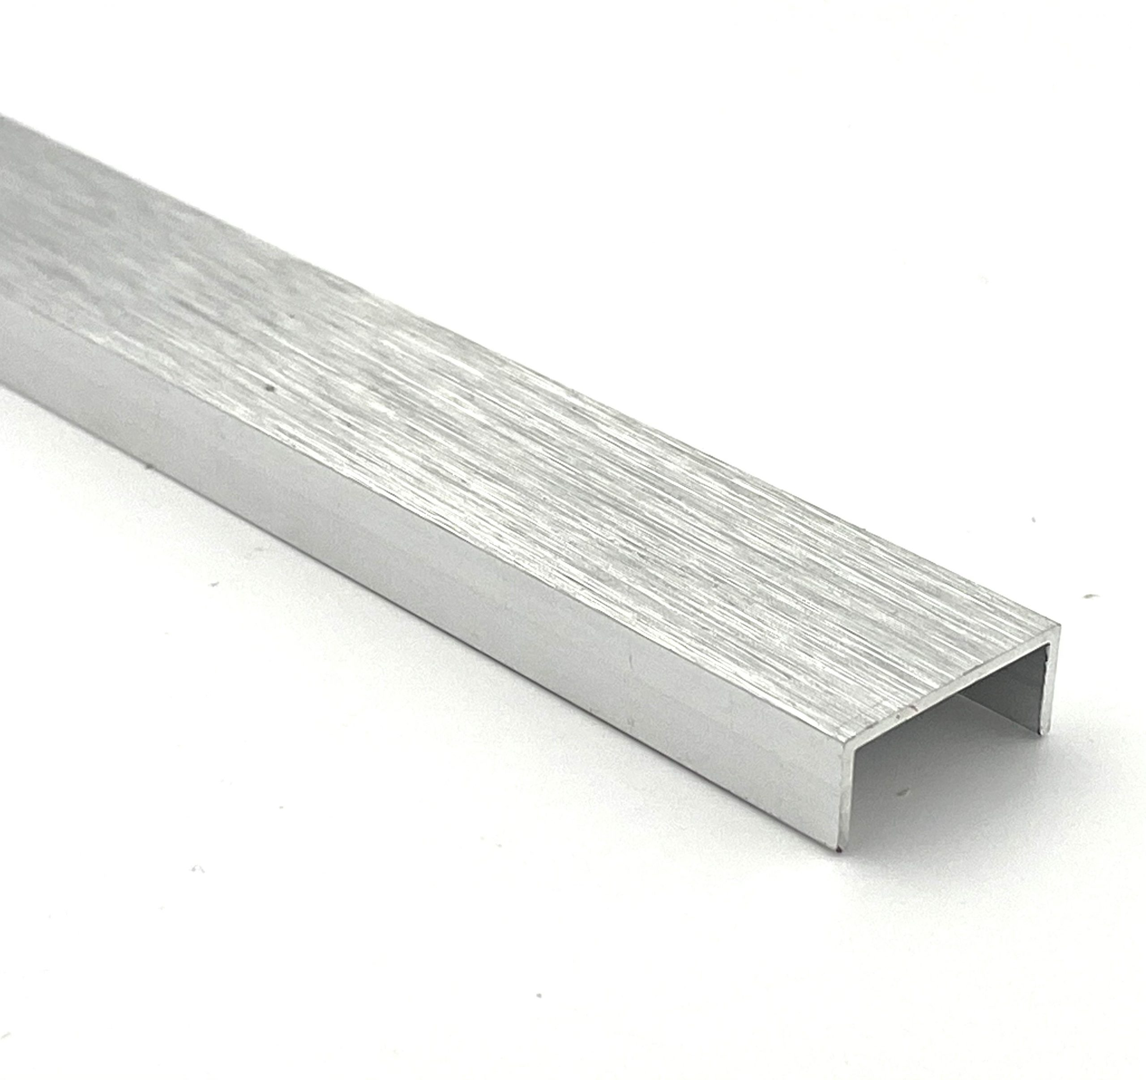 vroma deep brushed chrome listello 2 5m aluminium tile trim